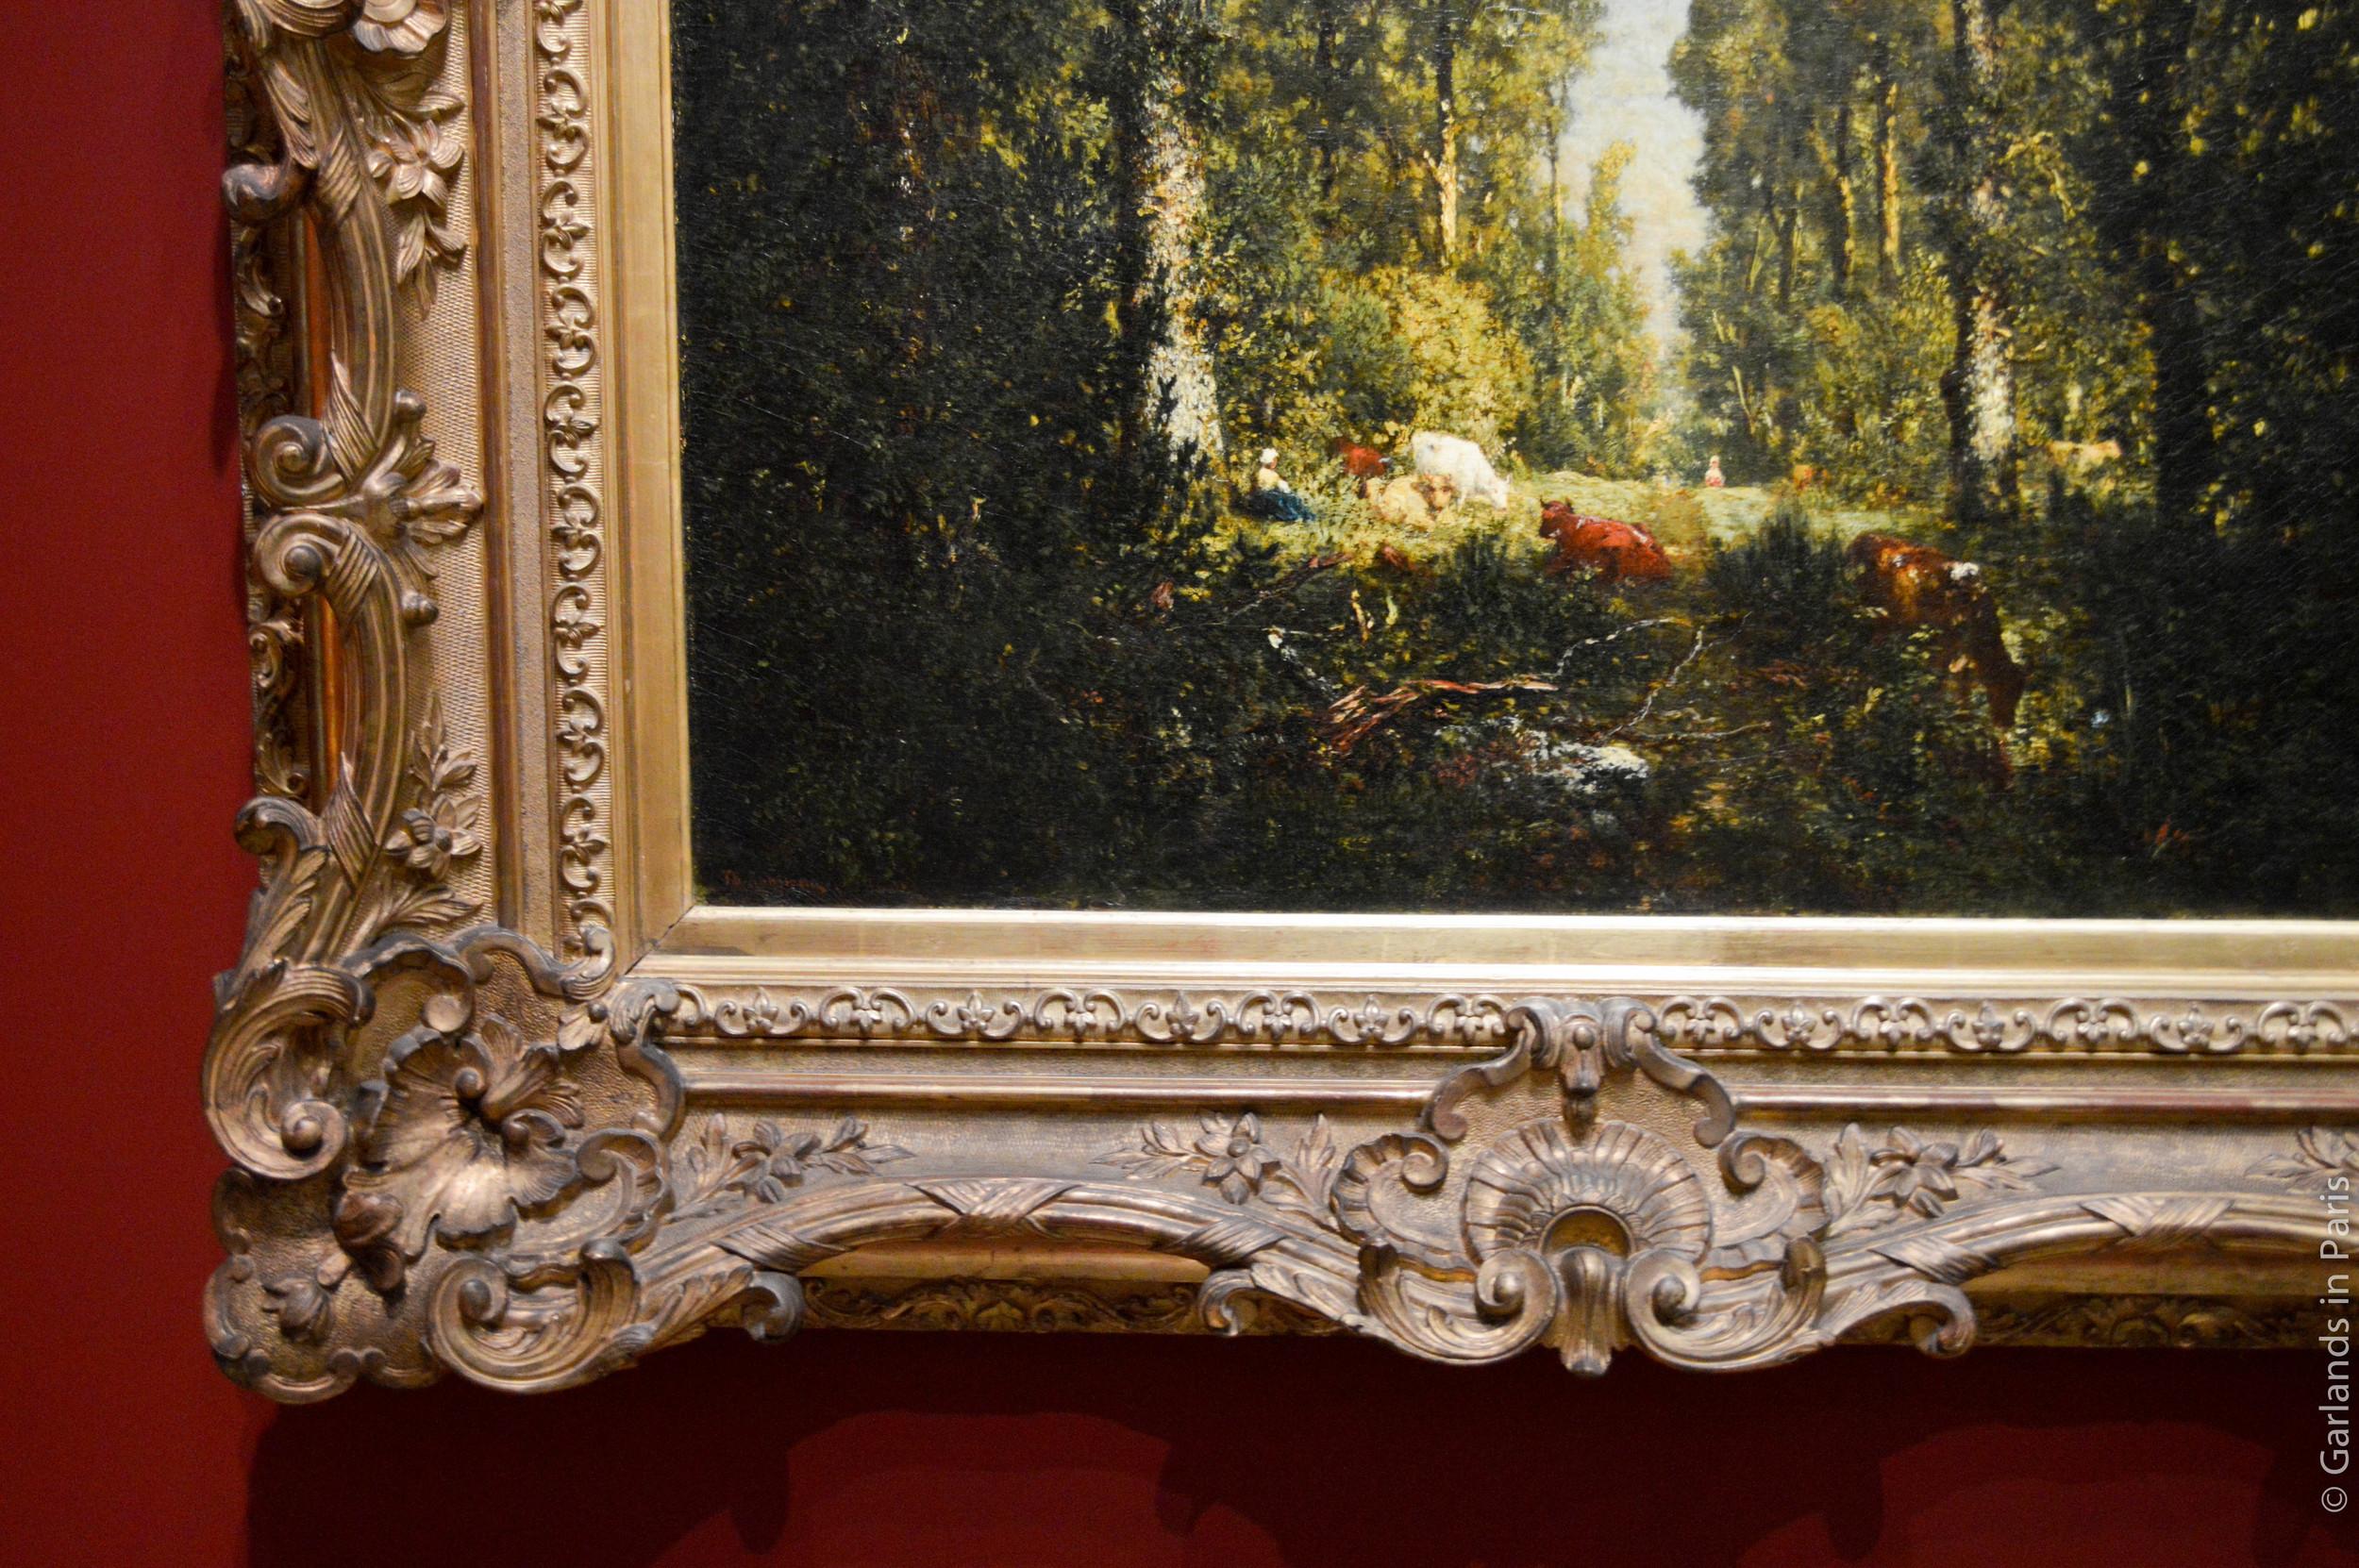 Forest painting, Musée d'Orsay, Paris